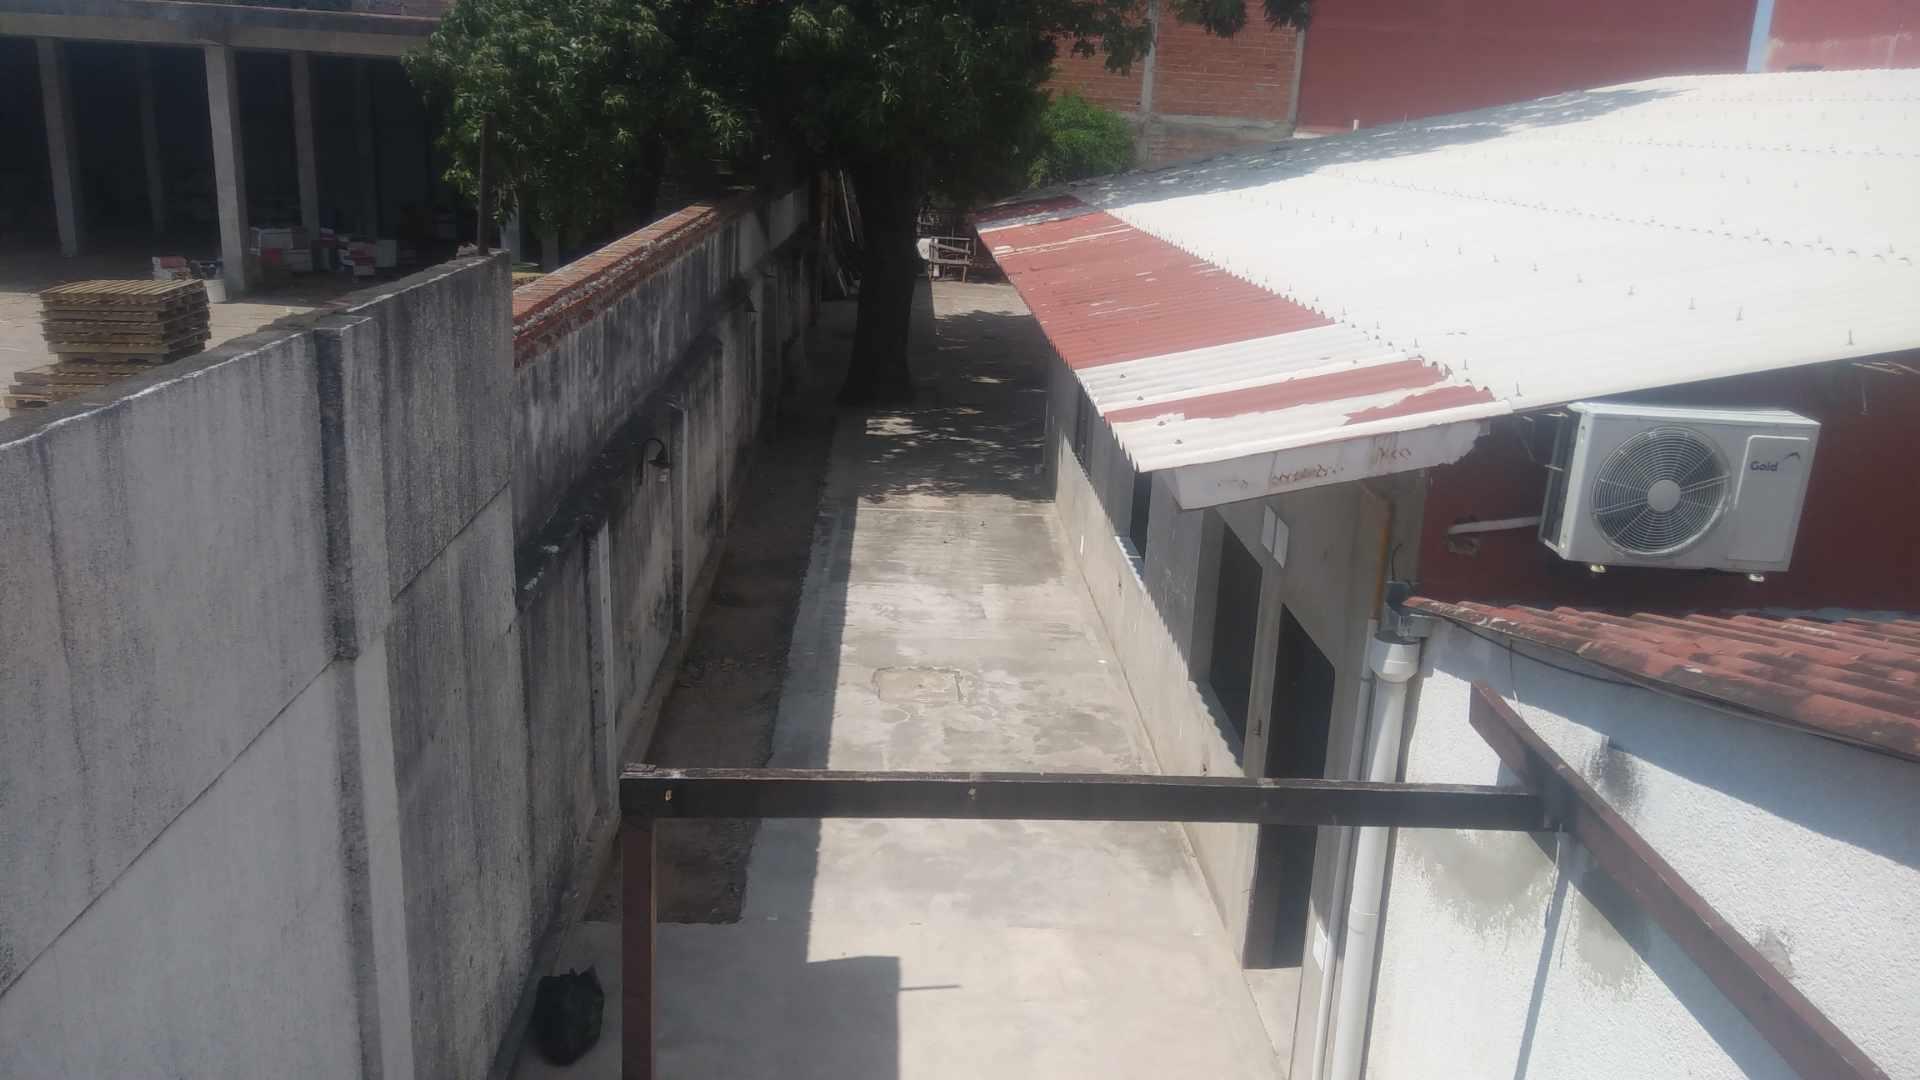 Casa en Venta Av. Prefecto rivas # 411 Foto 3